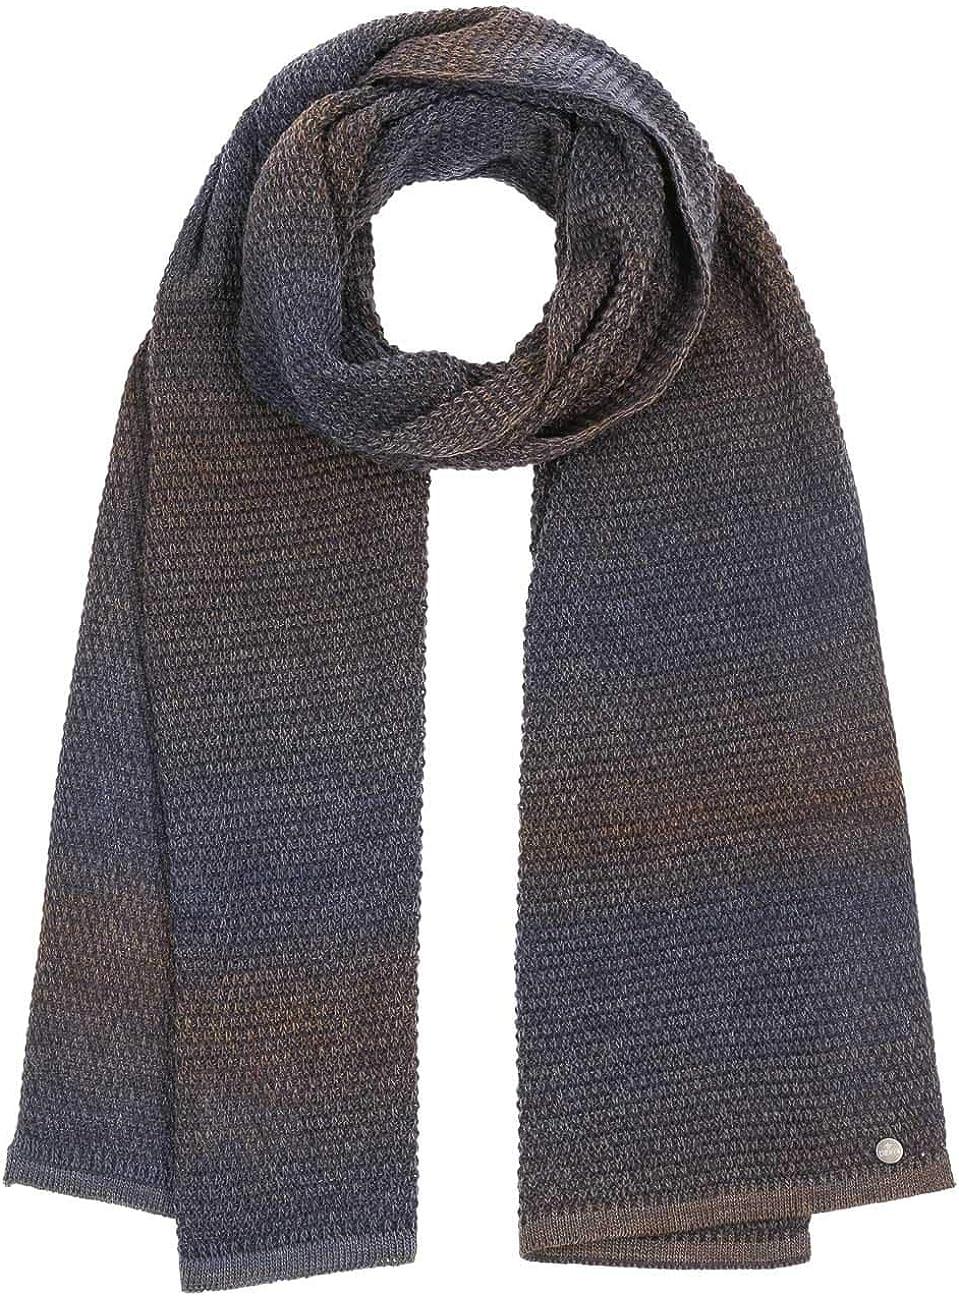 Lierys Carnell Knit Scarf Men - Made in Germany